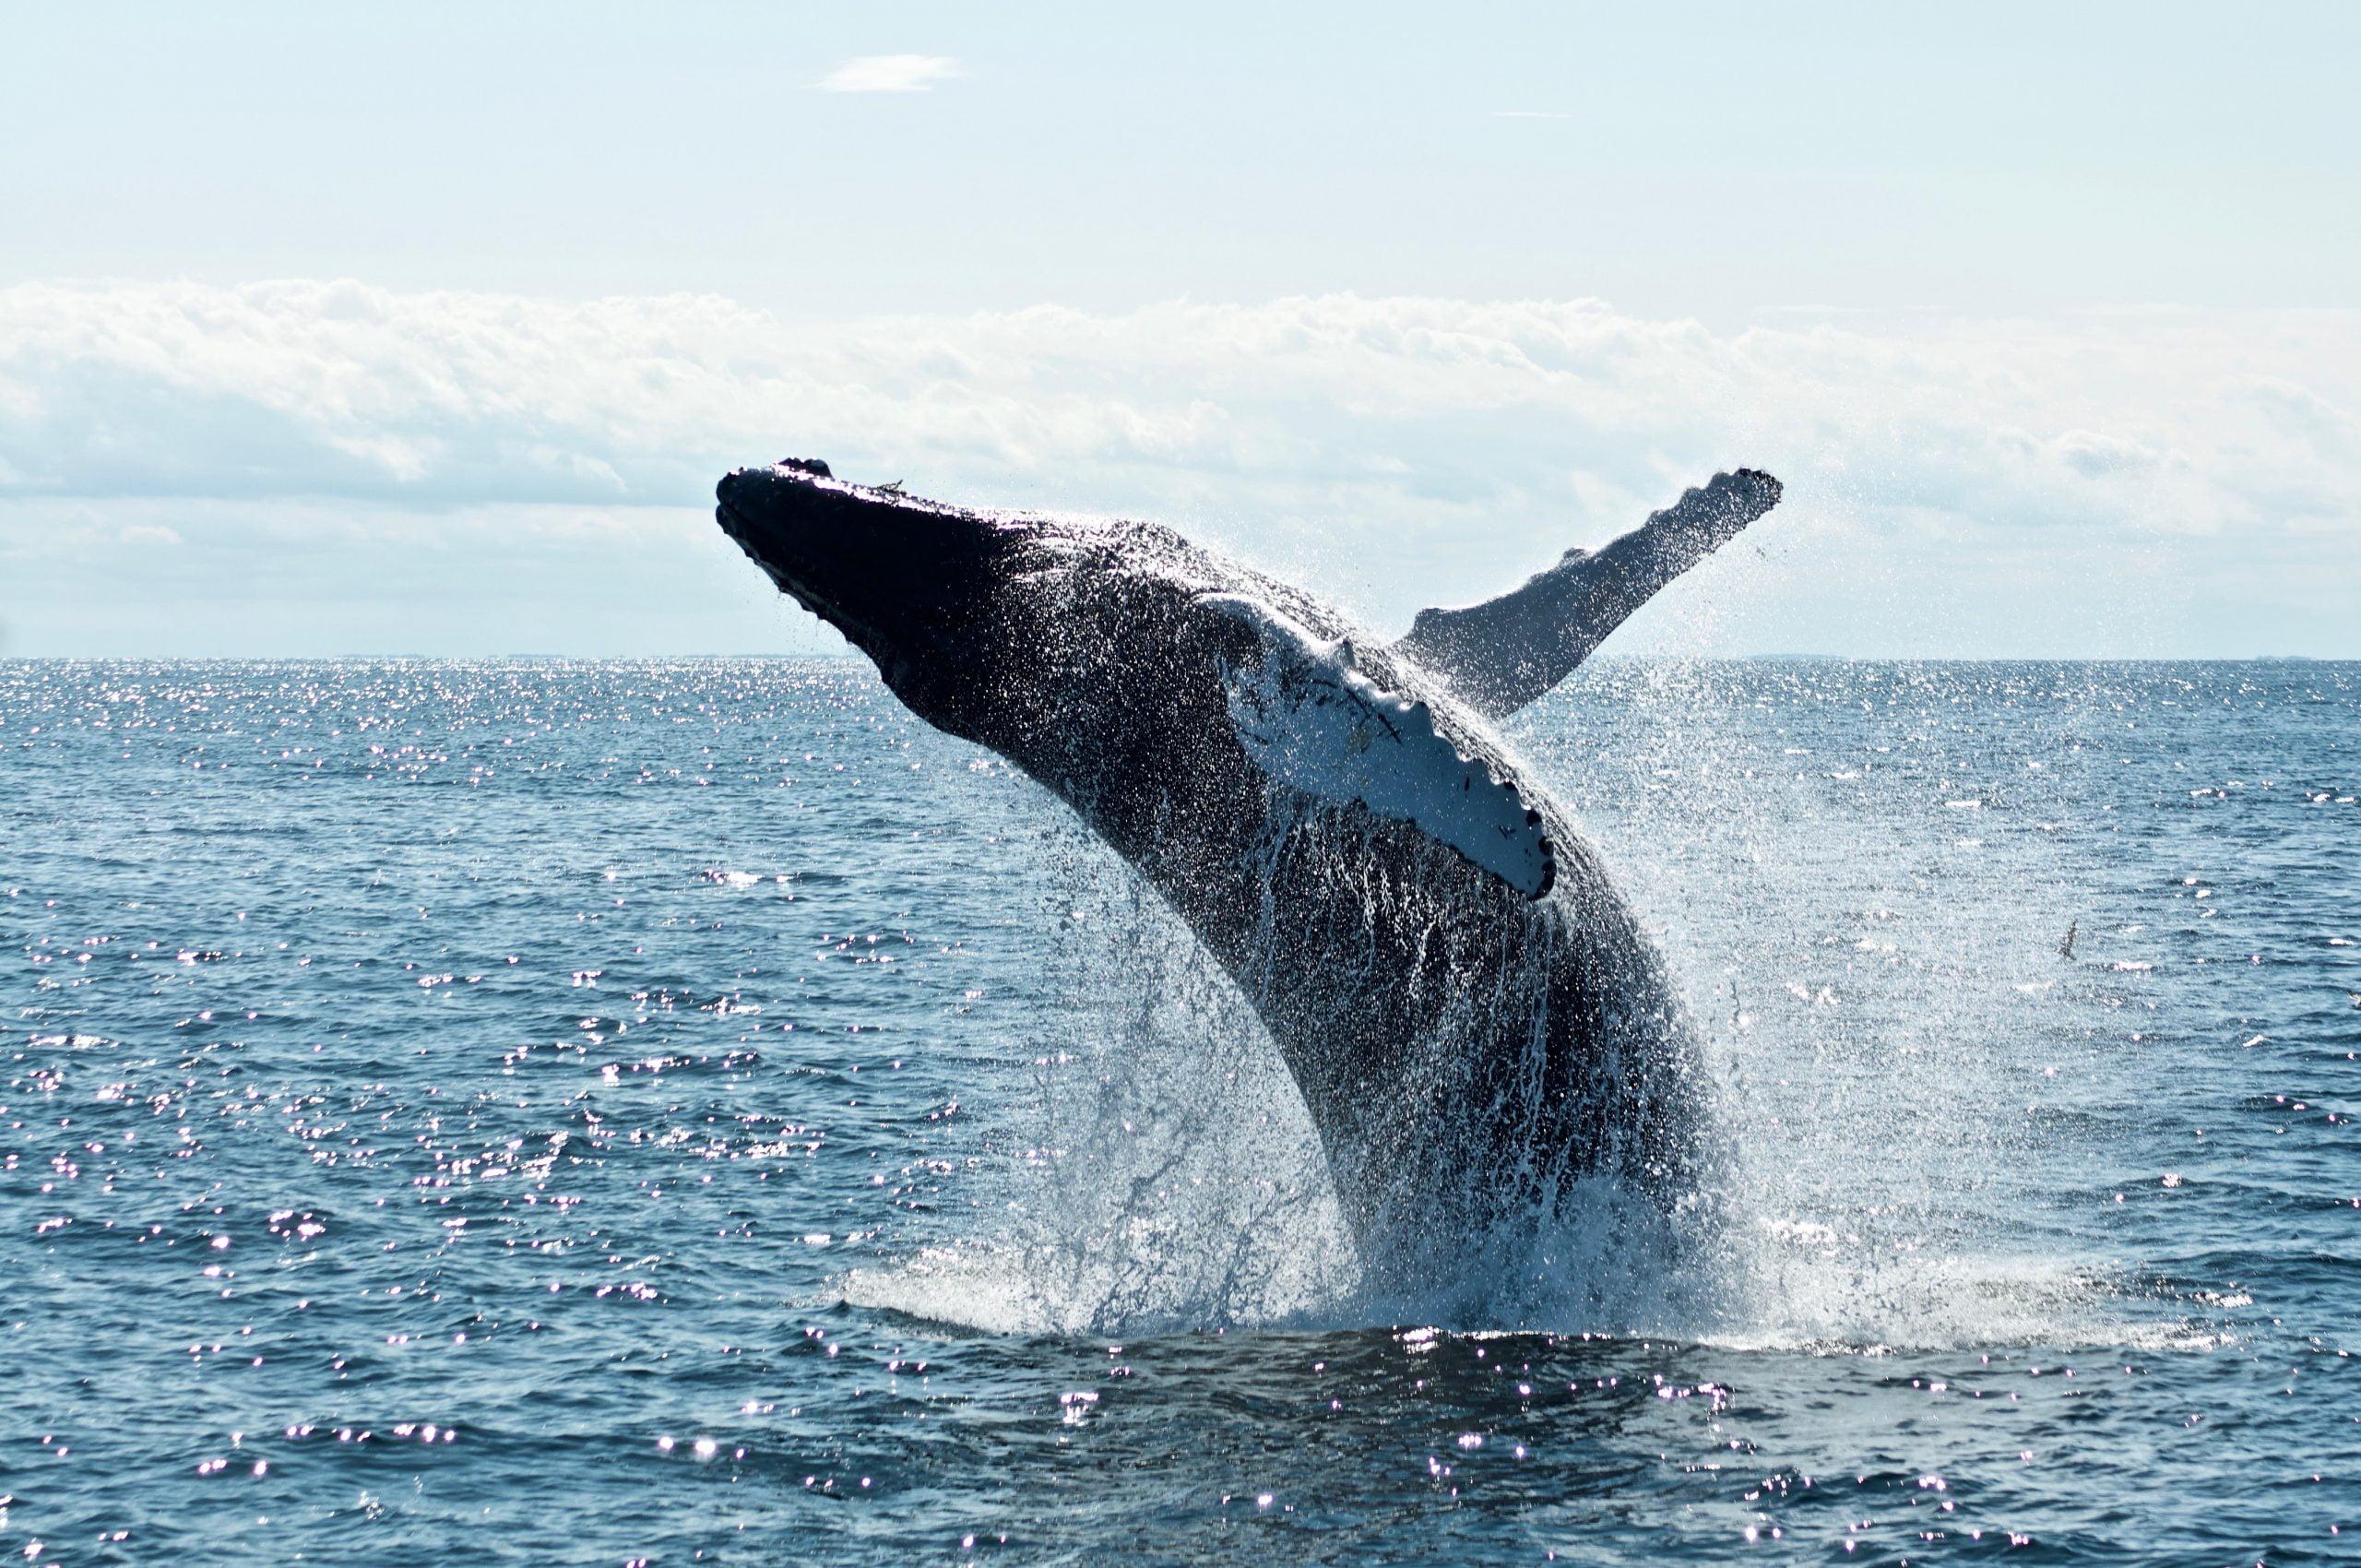 El indicador muestra que la presión de venta de ballenas sobre Bitcoin está creciendo;  Lo que esto significa